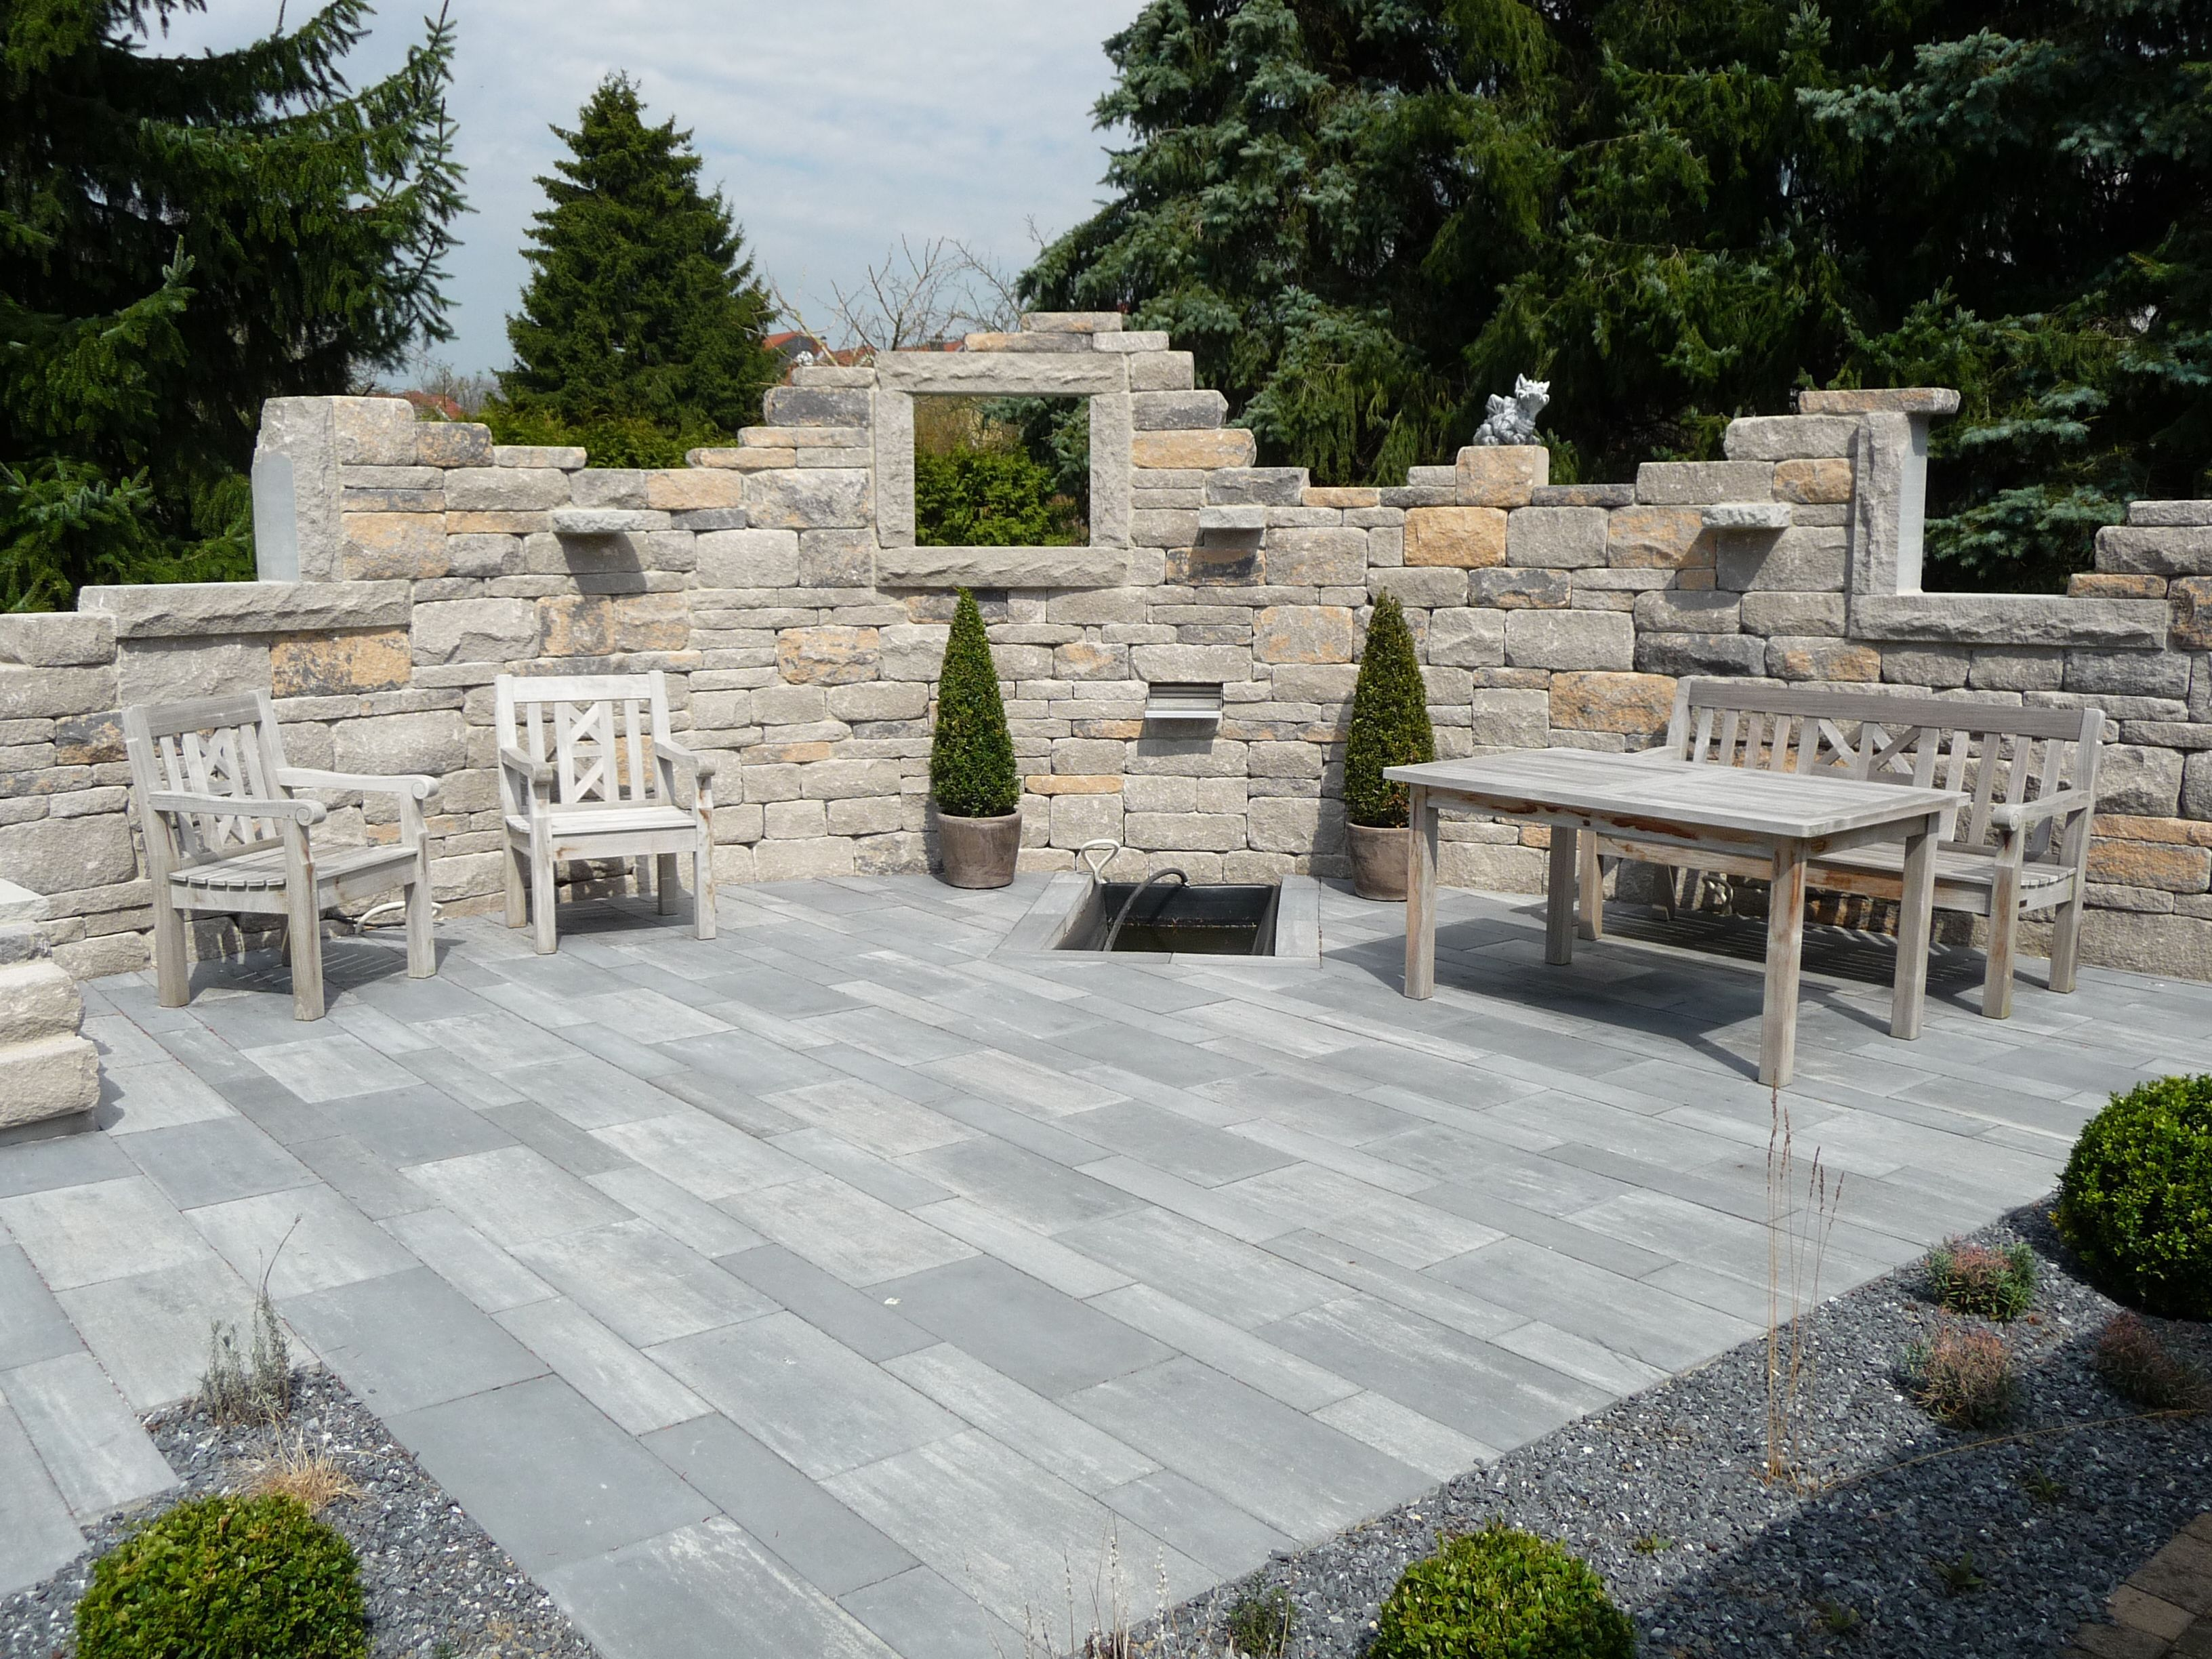 P1010008 Jpg 3264 2448 Steinmauer Garten Terrassengestaltung Gartenmauern